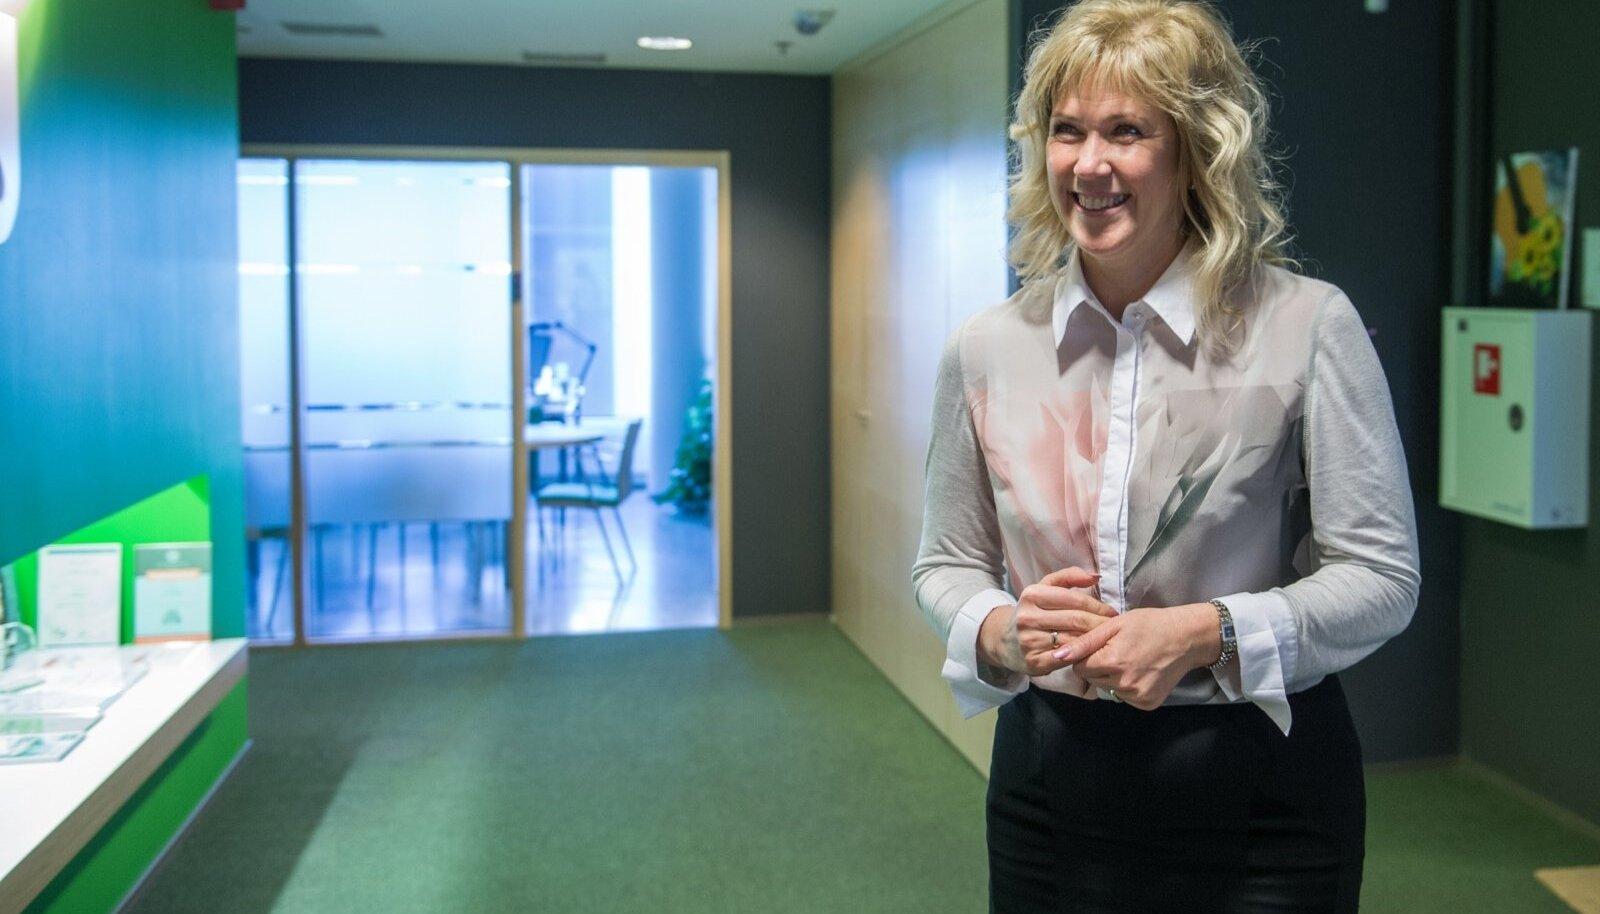 Anneli Heinsoo sõnul saaks IT-sektorisse rohkem inimesi kaasata ümberõppe kaudu või ülikoolis eriala õppides.